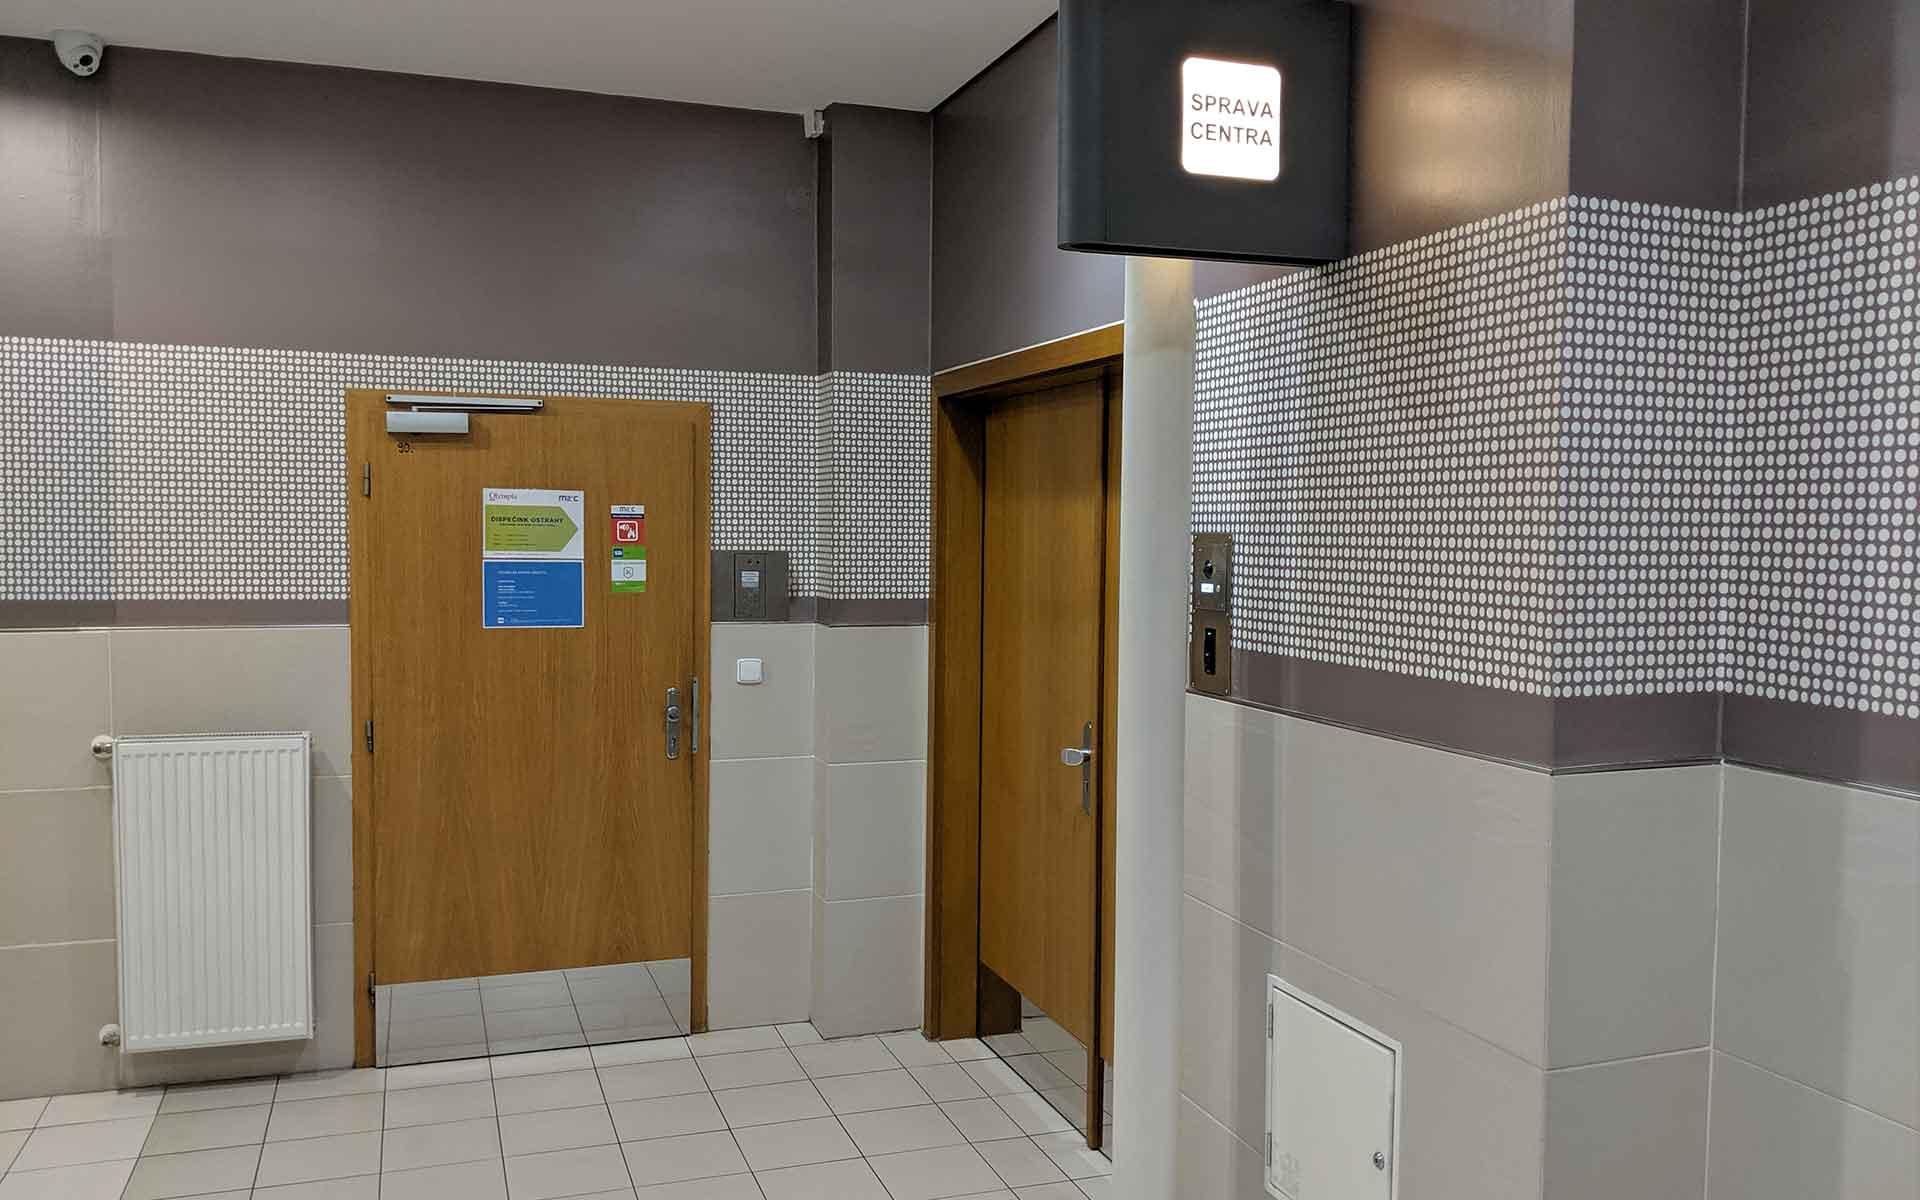 Prostor správy centra za veřejnými WC